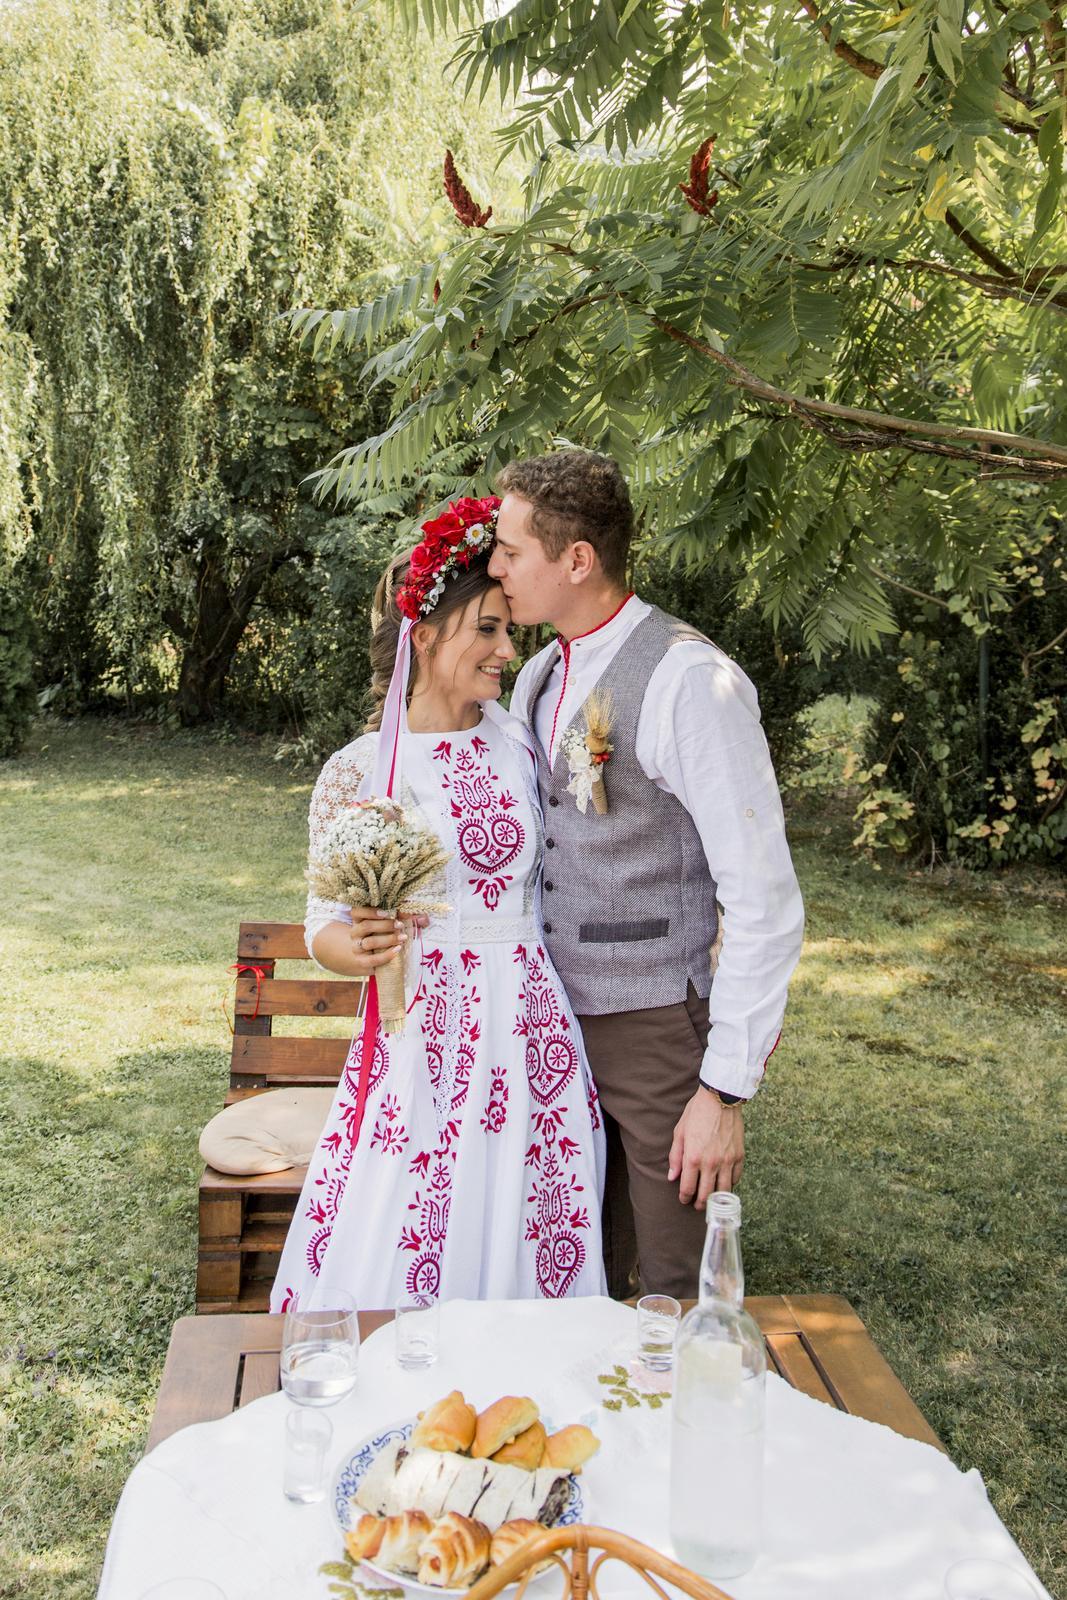 Svadba Majka a Vilko - Vinné 2018 - Obrázok č. 17